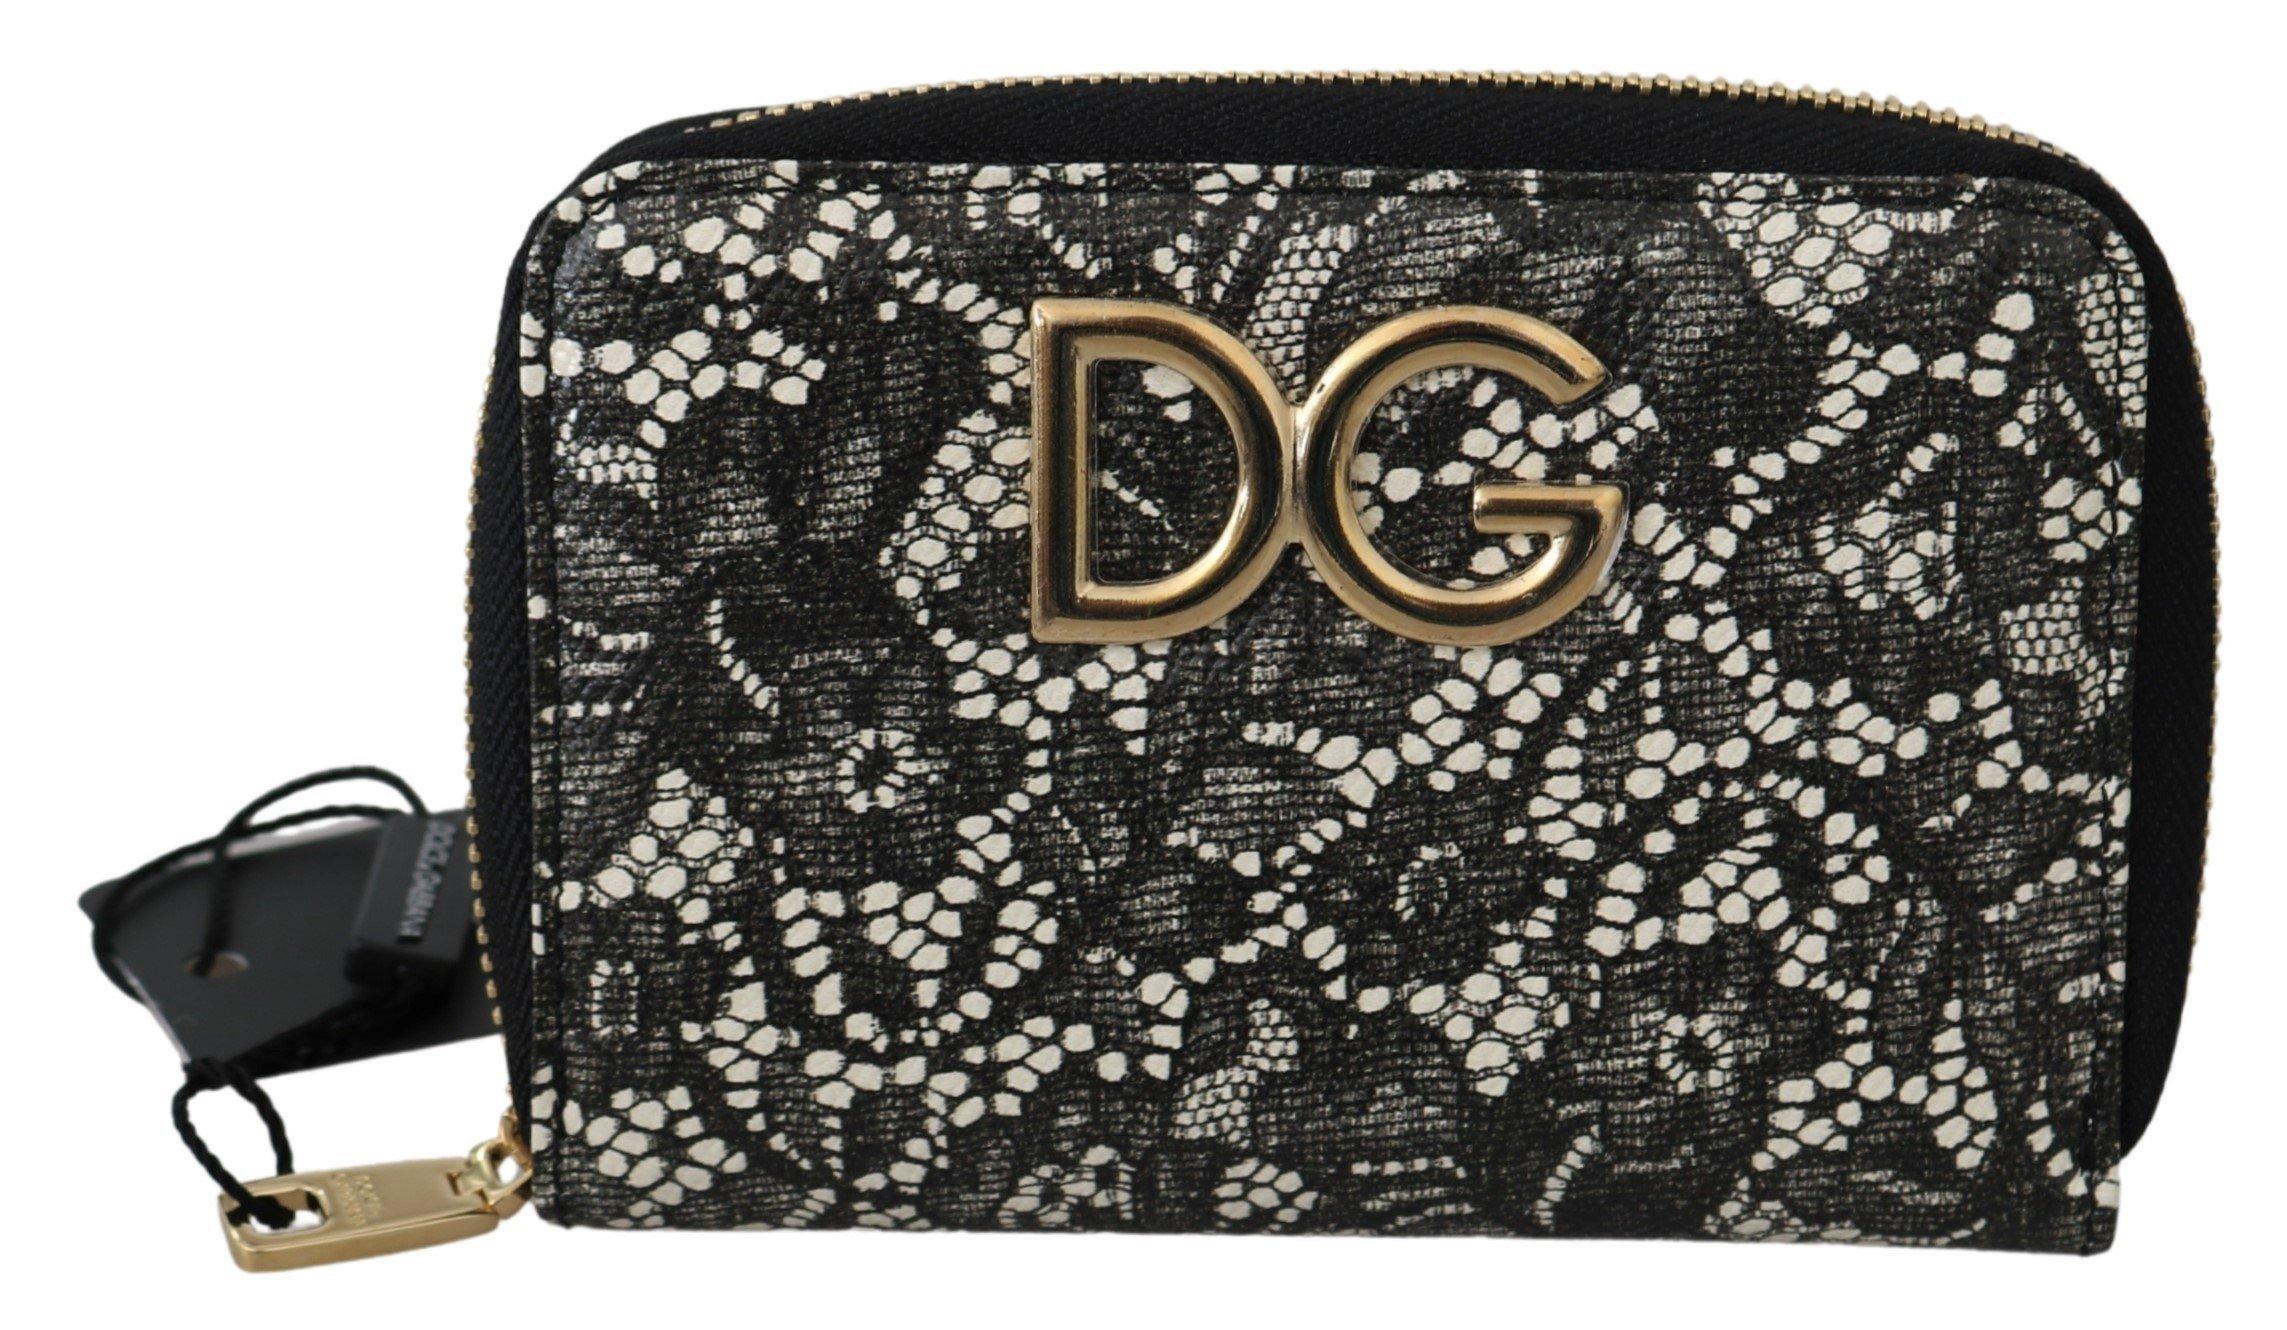 Dolce & Gabbana Women's Floral Lace Leather Zip Wallet Black VAS9687